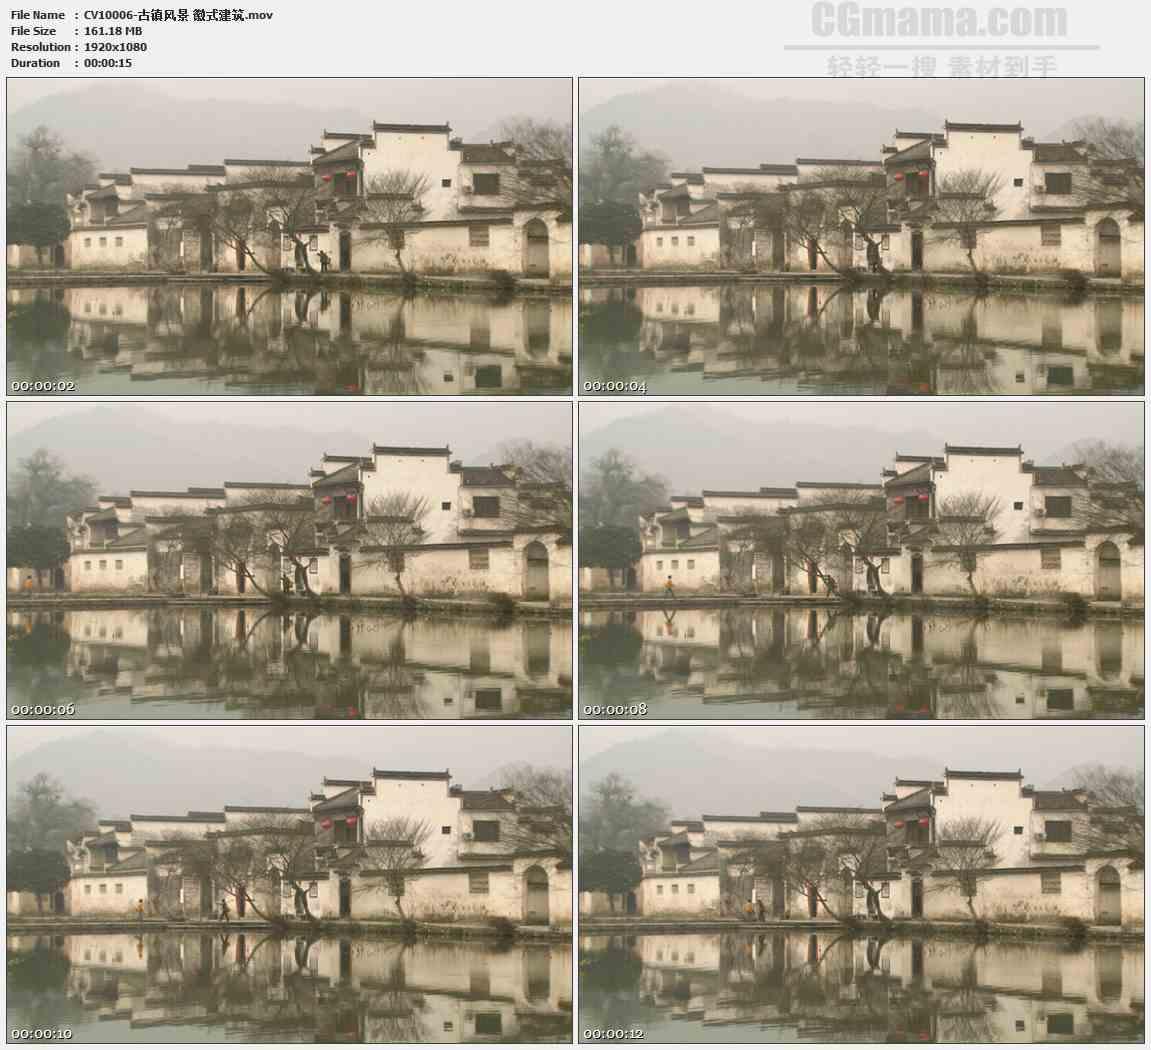 cv10006-古镇风景江南安徽徽居小桥流水高清实拍视频素材